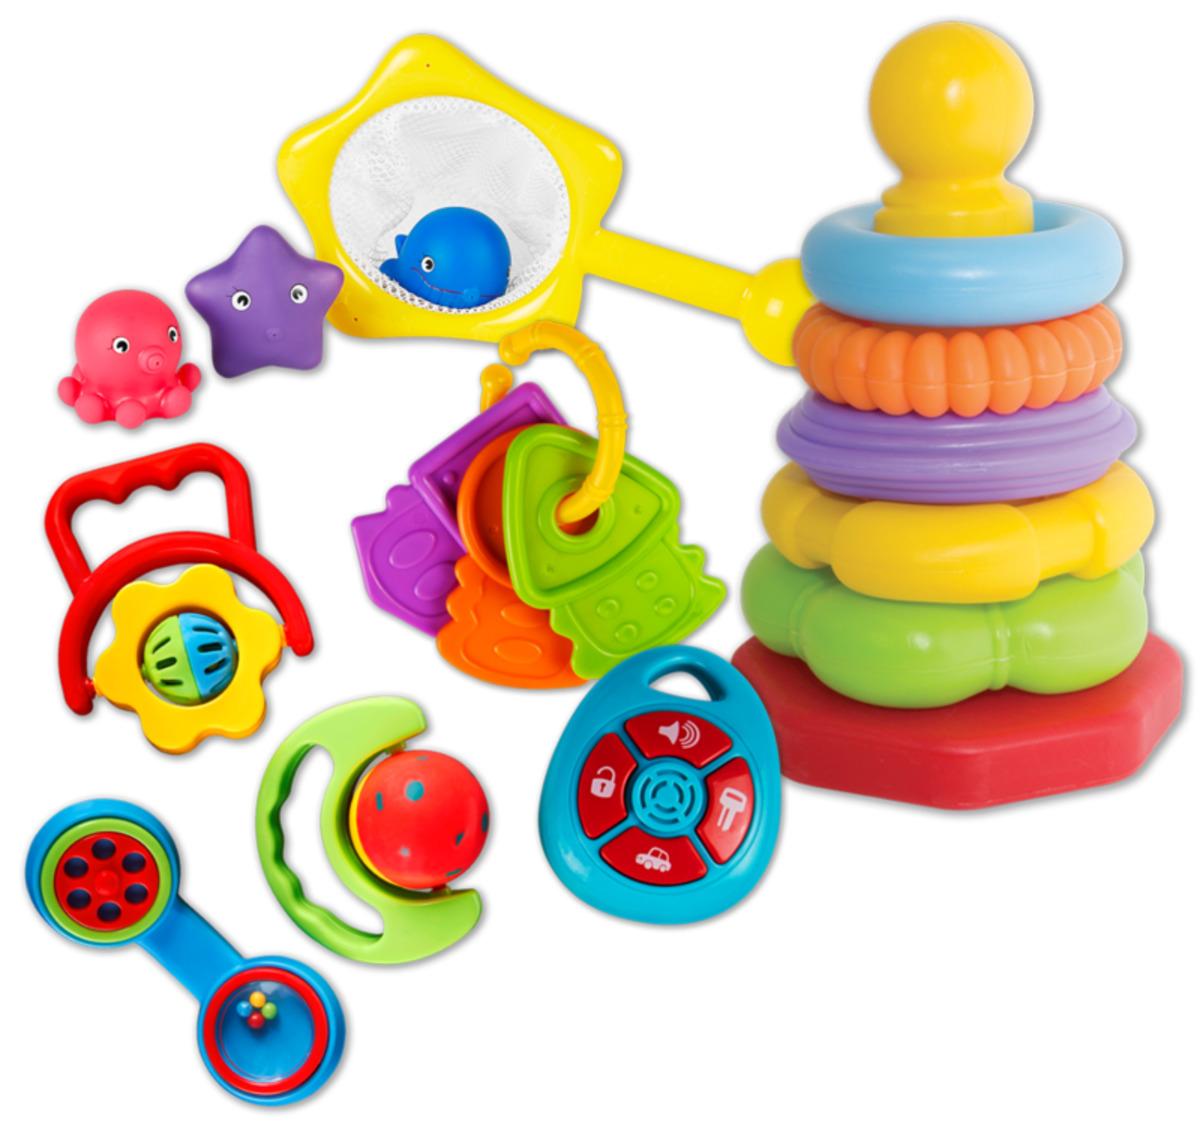 Bild 1 von SIMBA Baby-ABC-Spielzeug